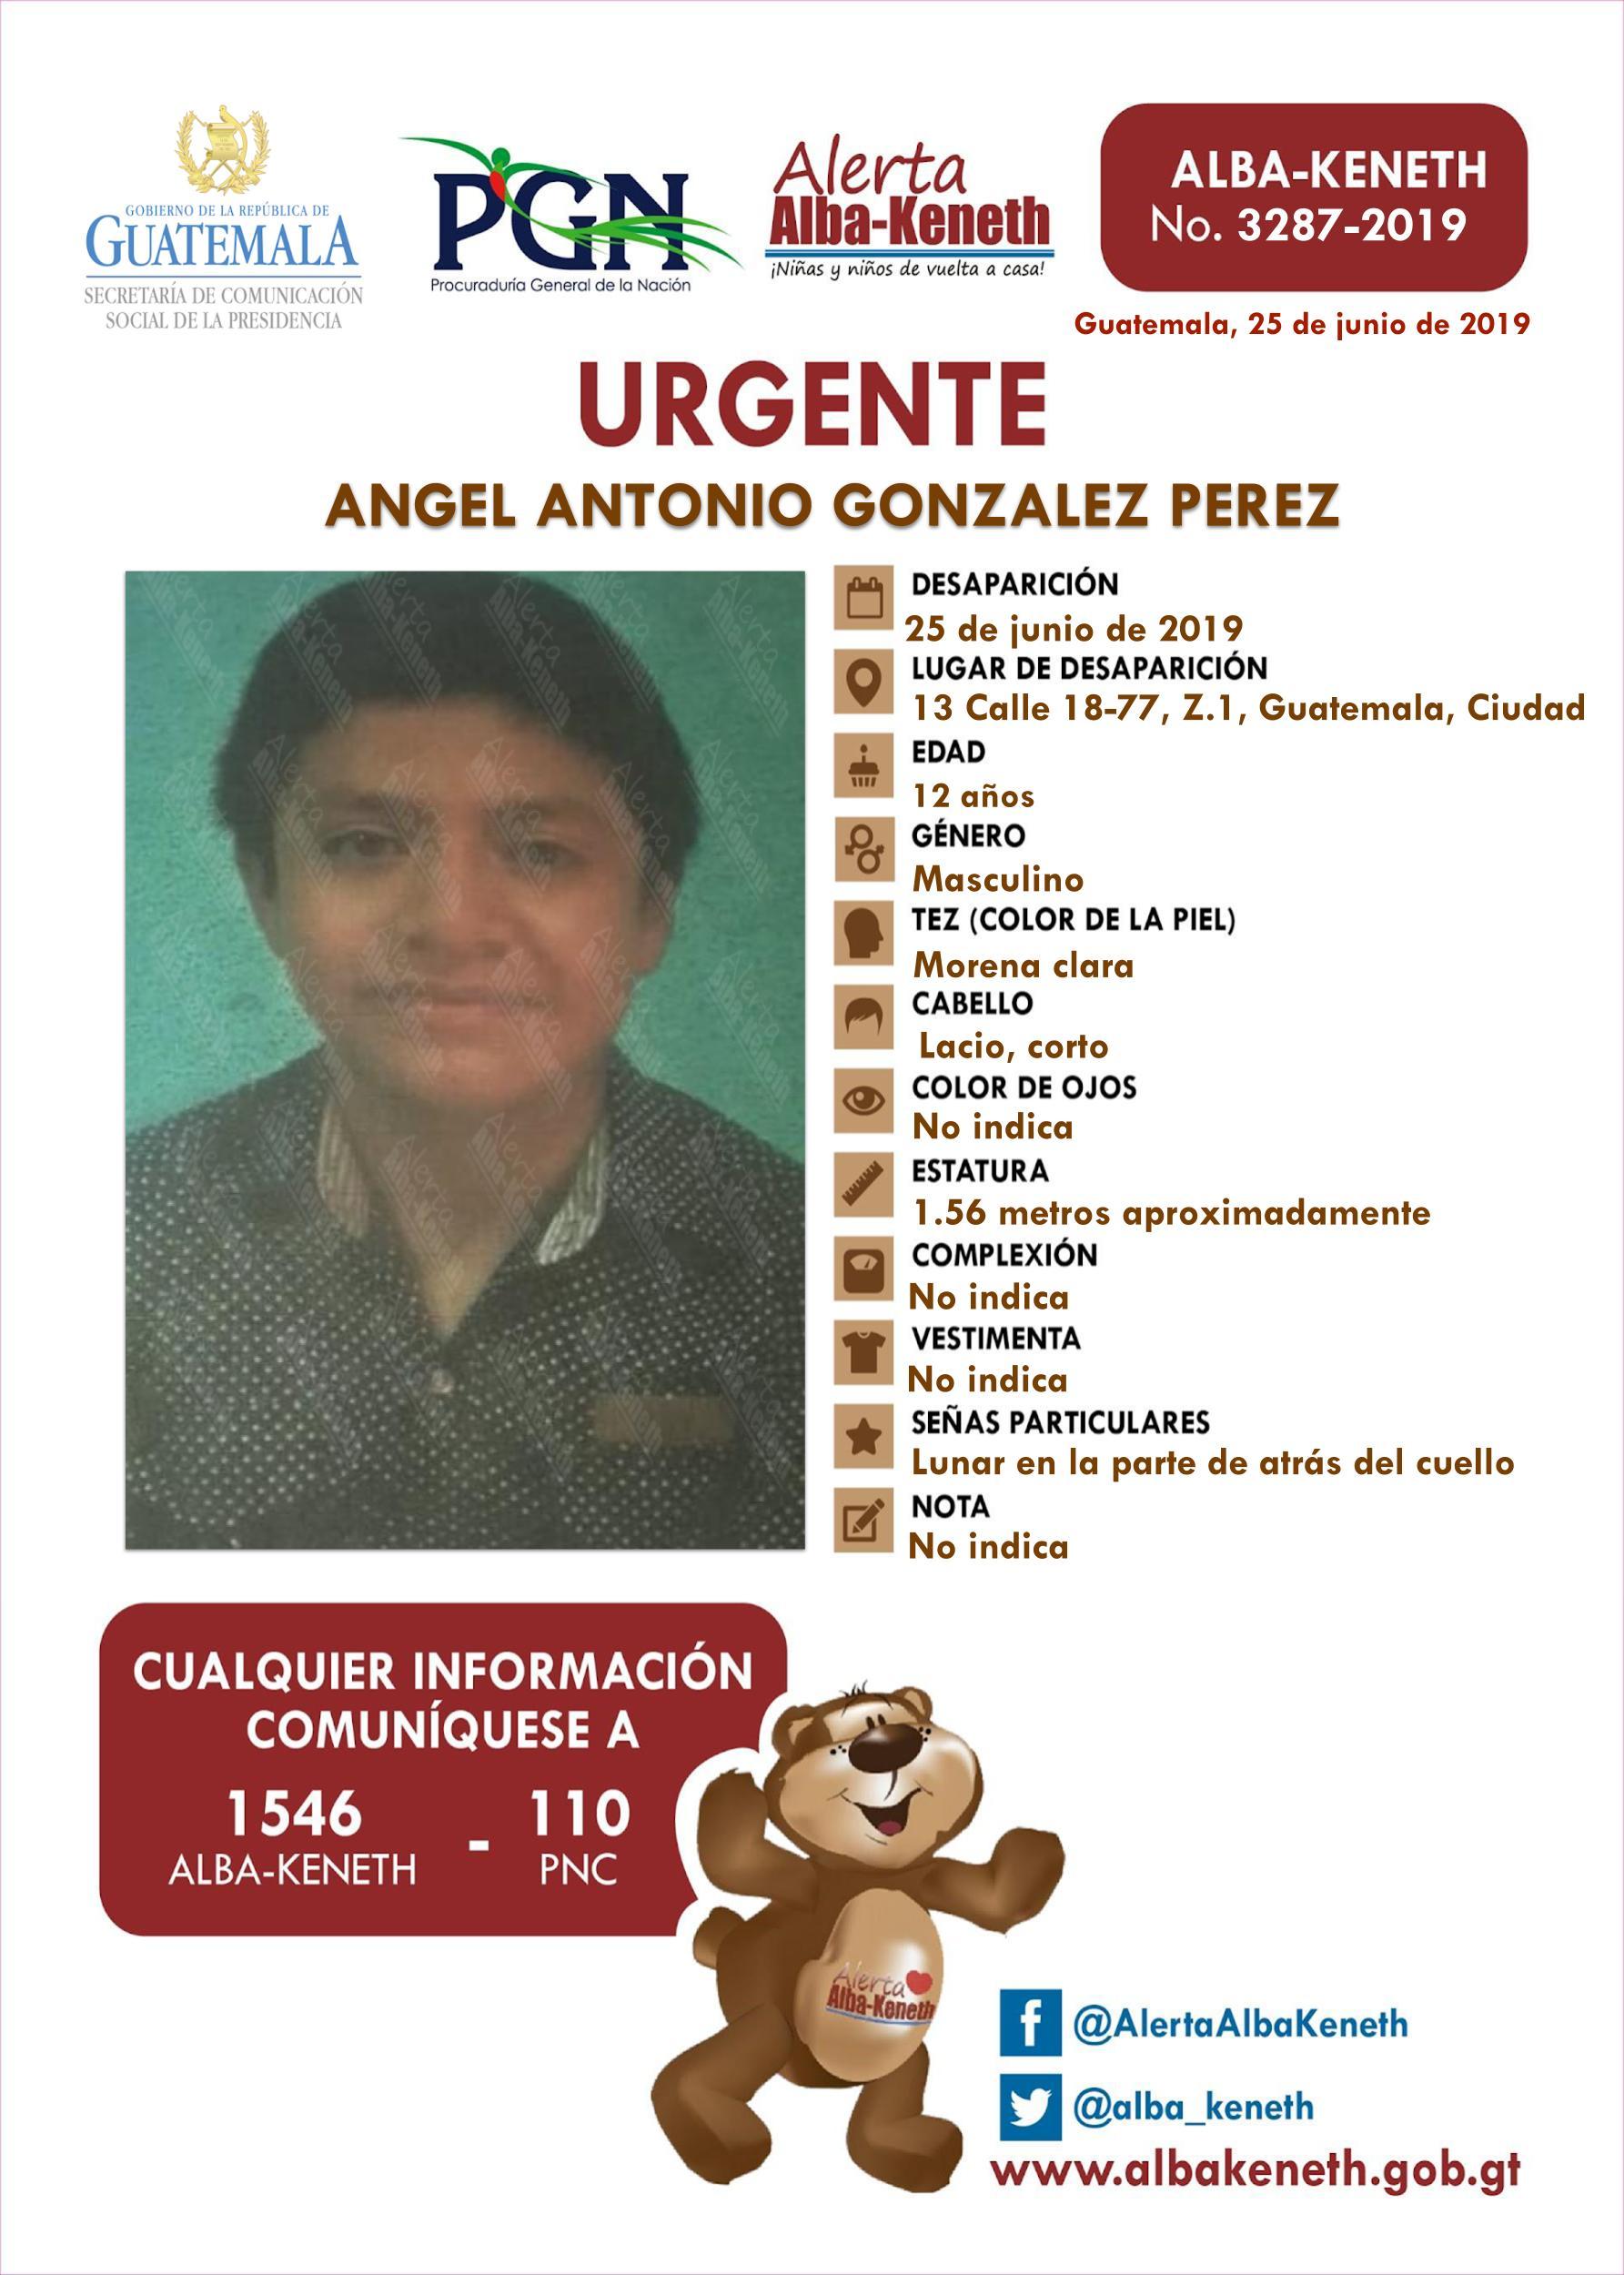 Angel Antonio Gonzalez Perez